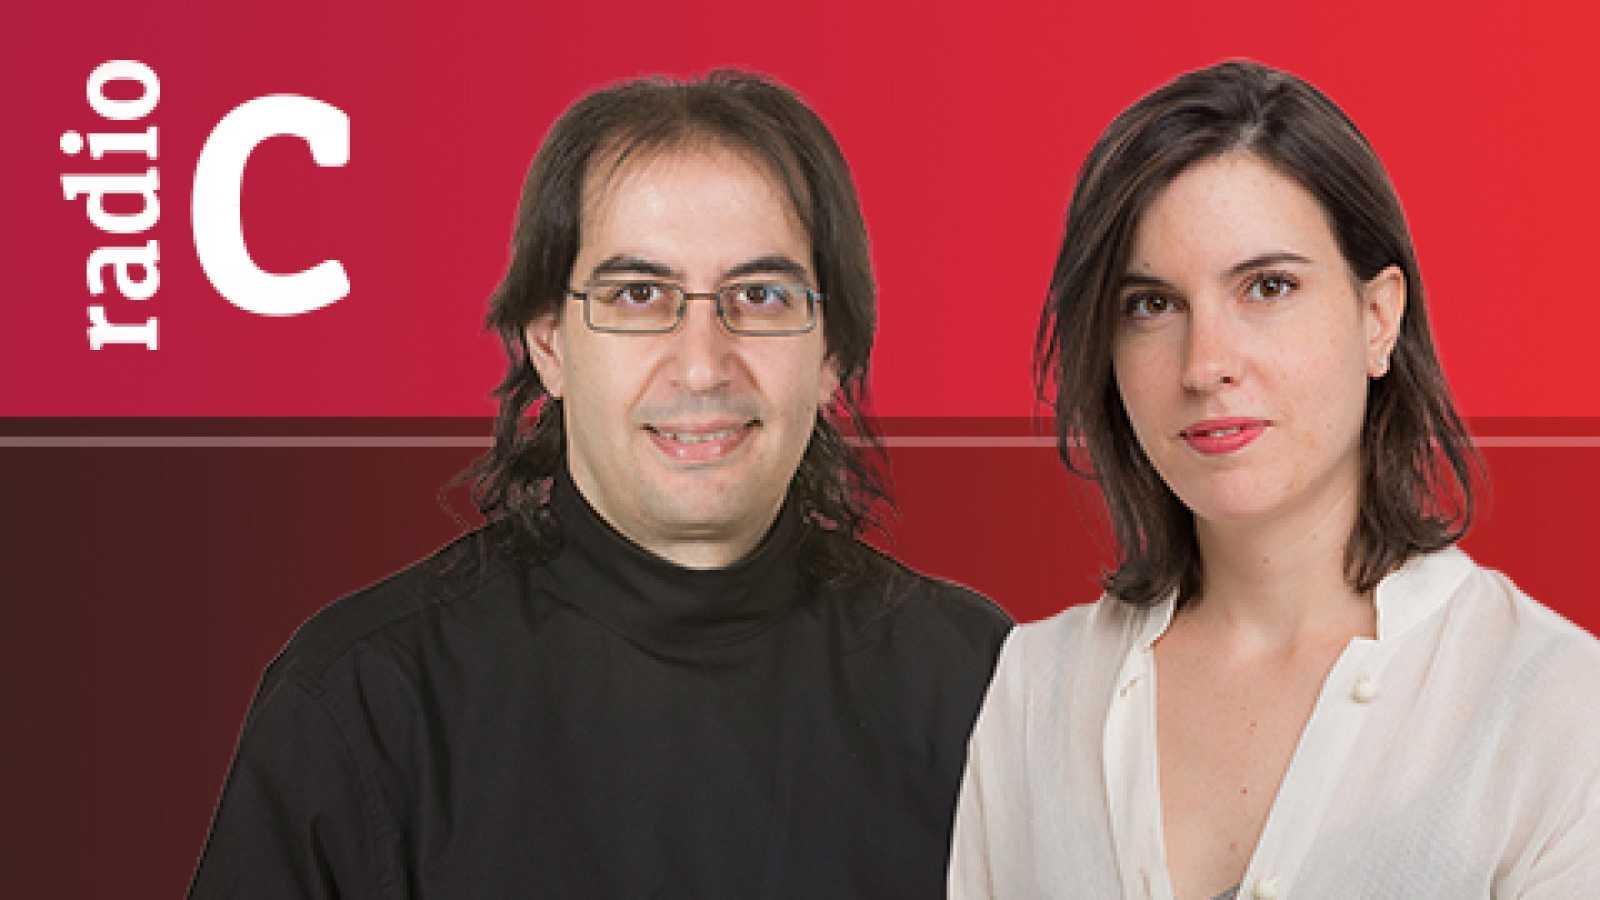 La tertulia de Radio Clásica - Héroes (y heroínas) en la mitología clásica - 03/12/17 - escuchar ahora